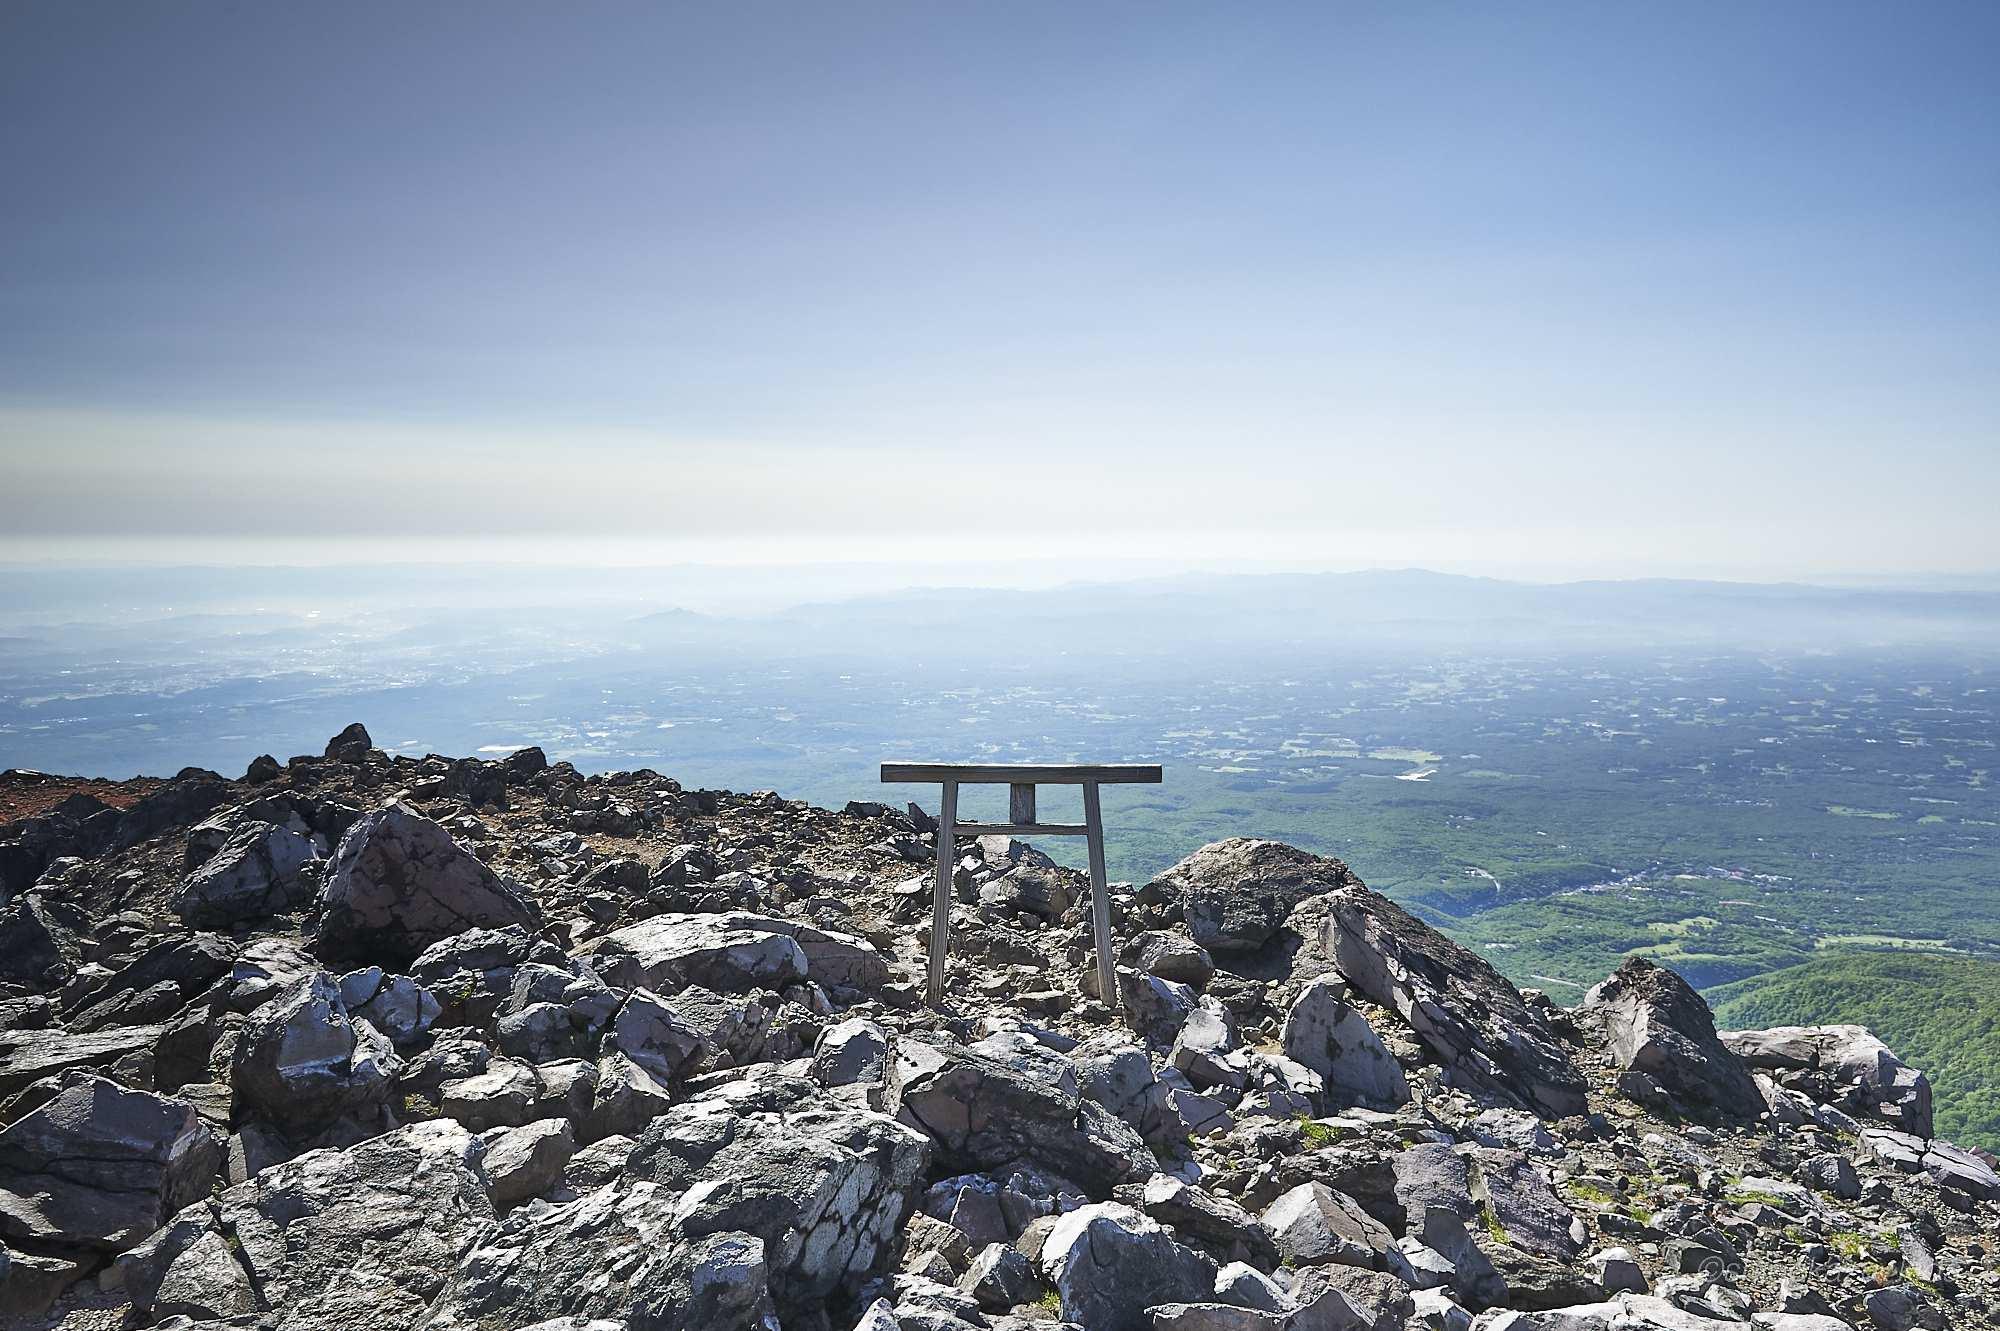 那須岳の茶臼岳の鳥居